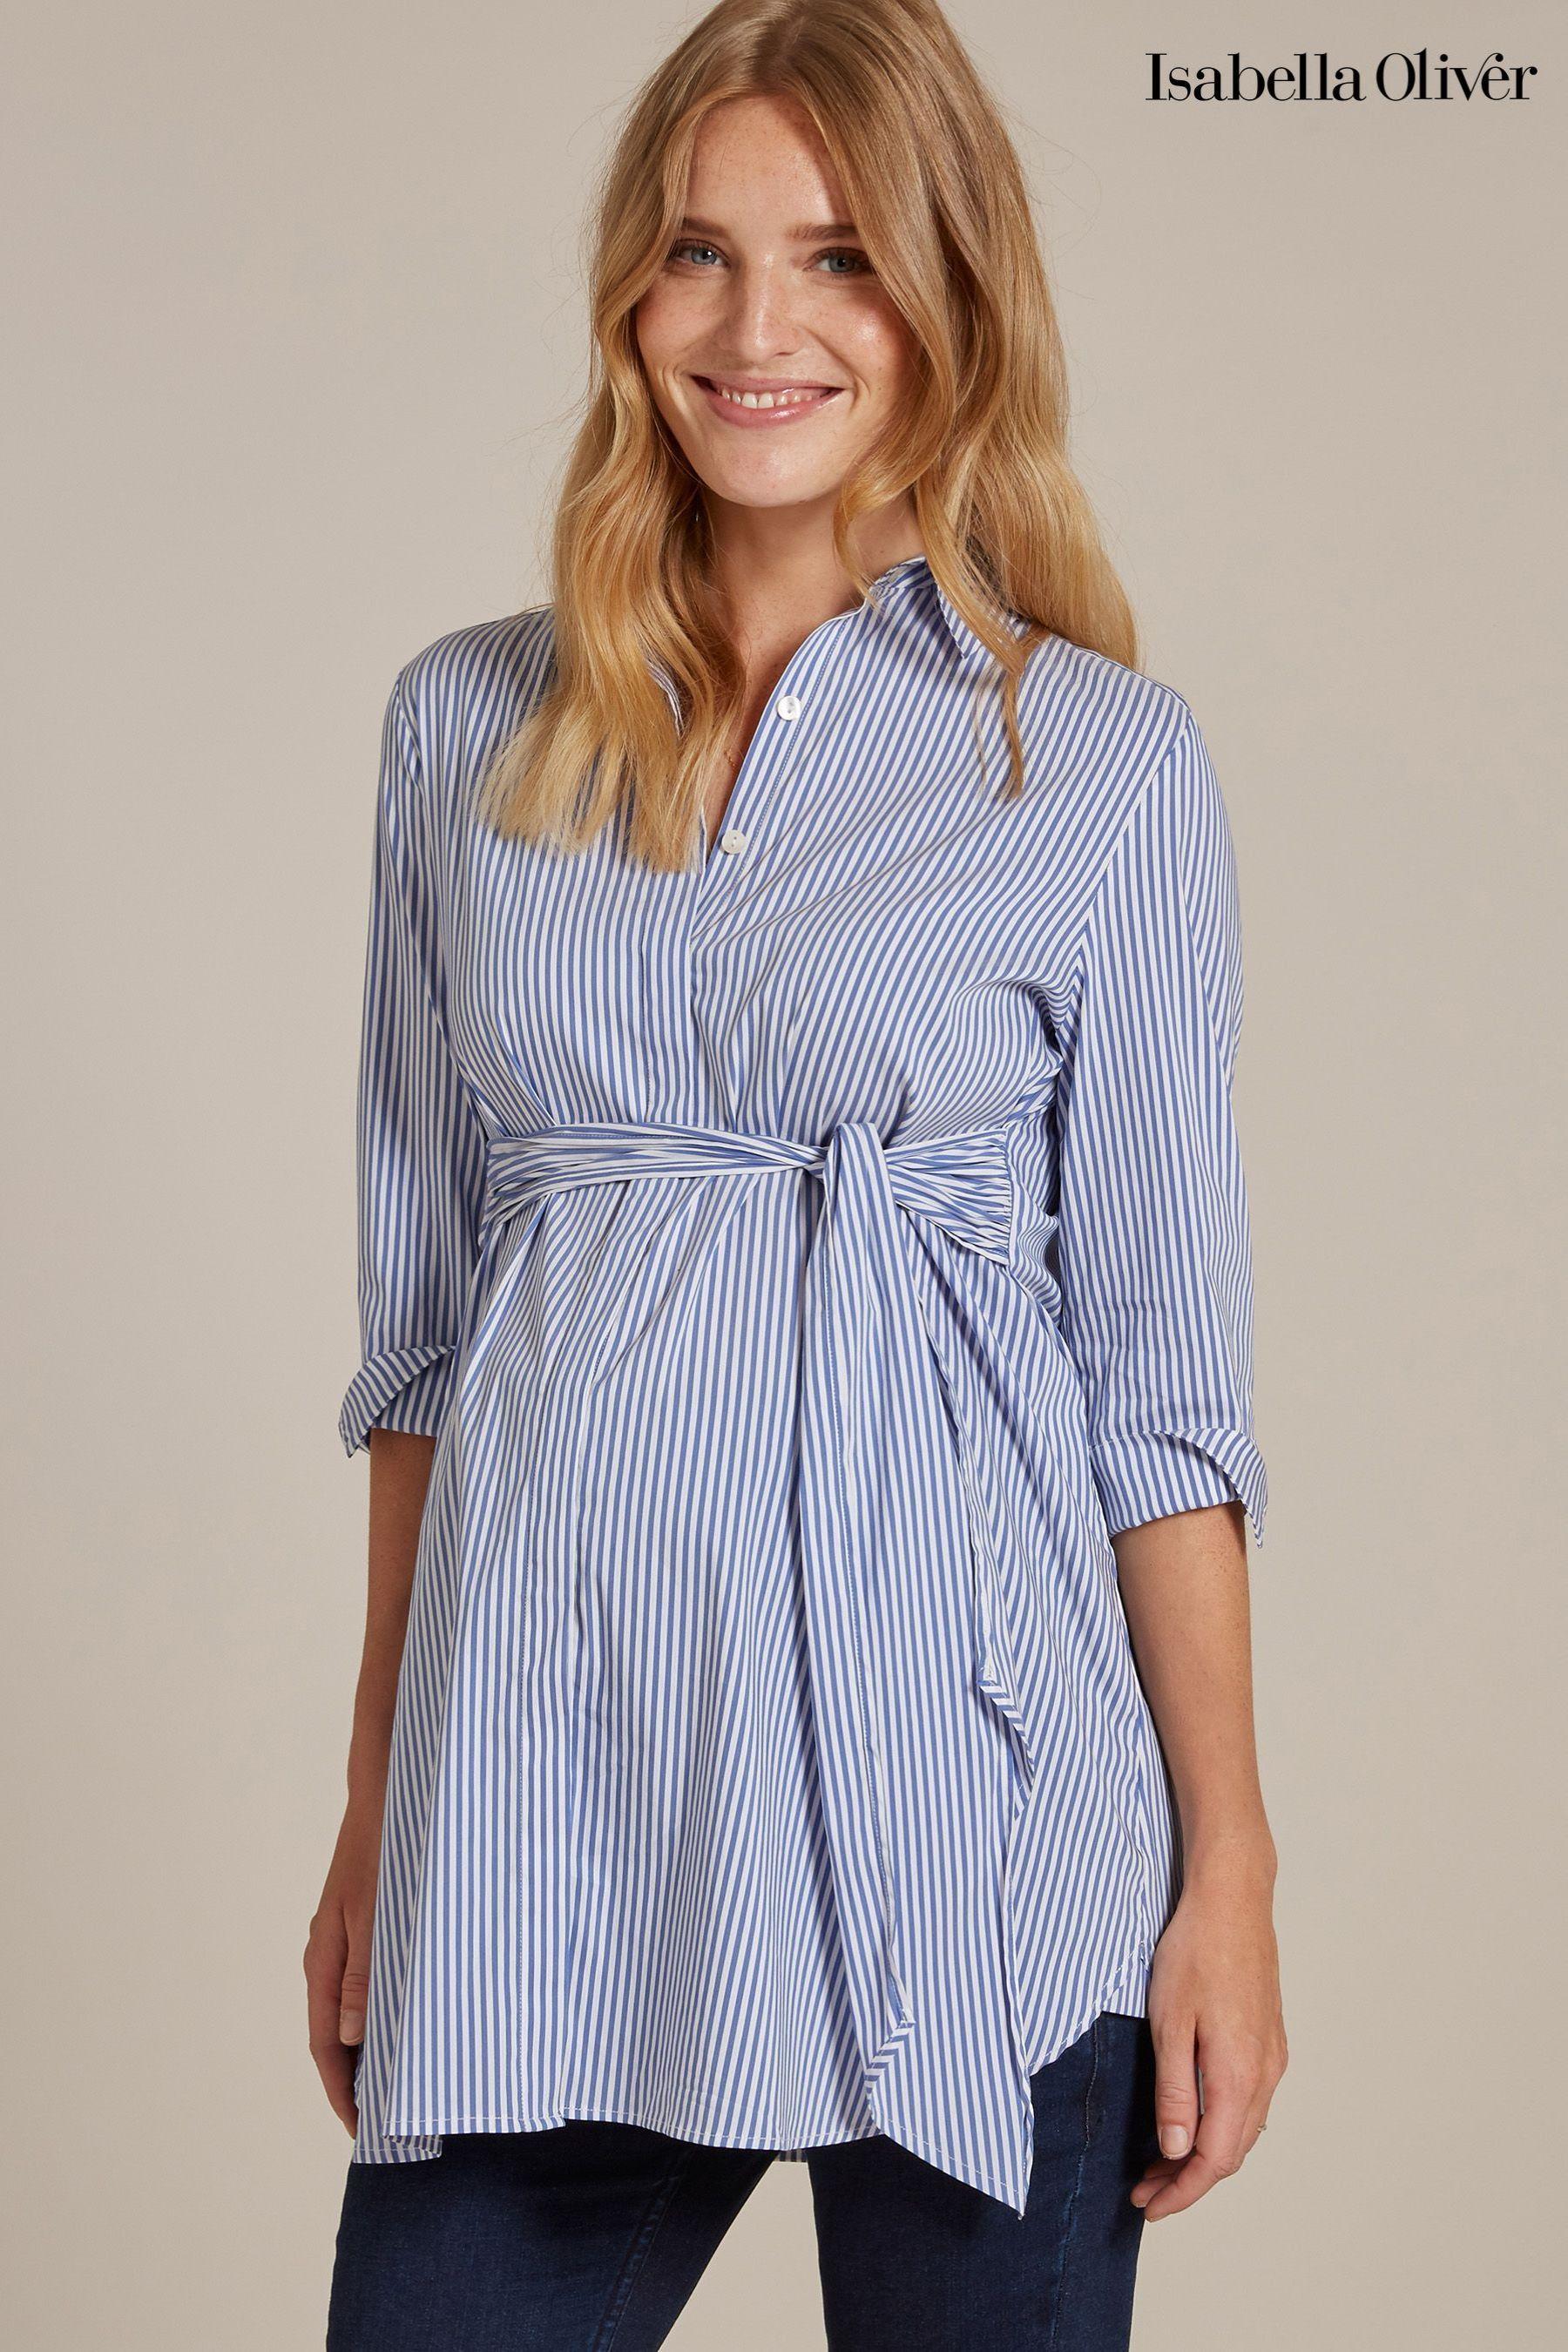 d34af2e3fff99 Womens Isabella Oliver Dora Maternity Shirt - Blue | Pregnancy ...